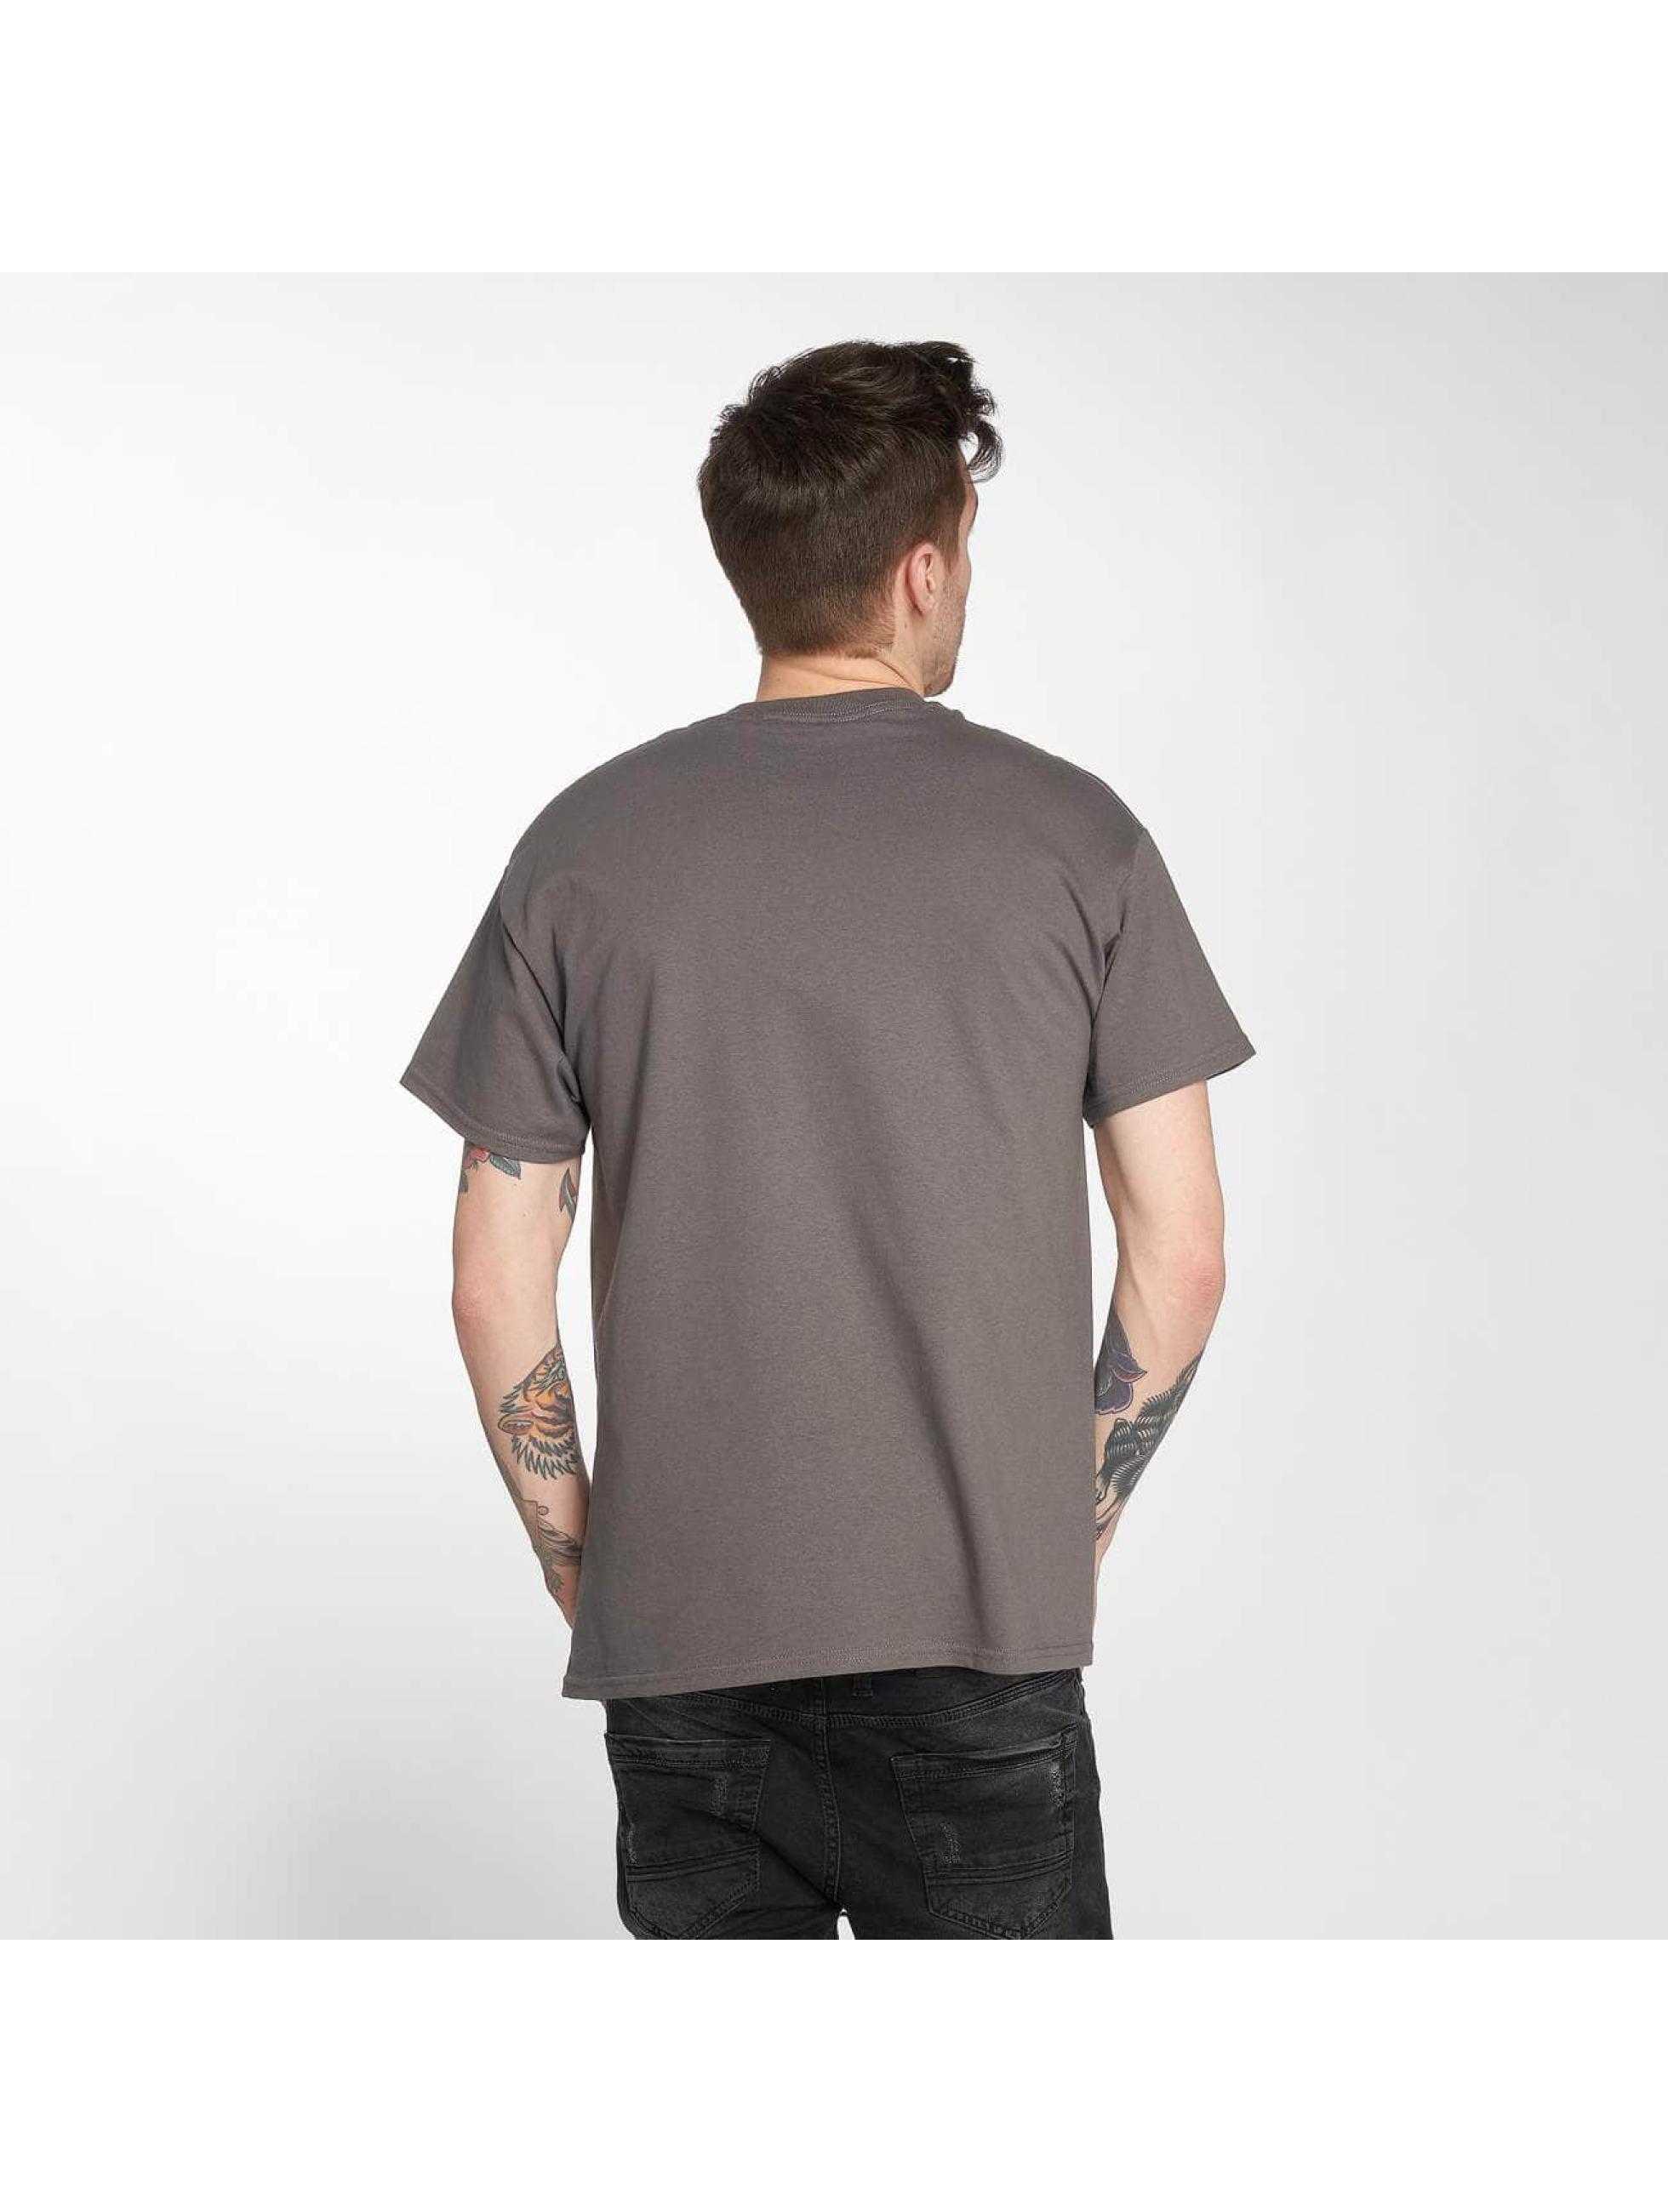 Joker Camiseta Drama gris